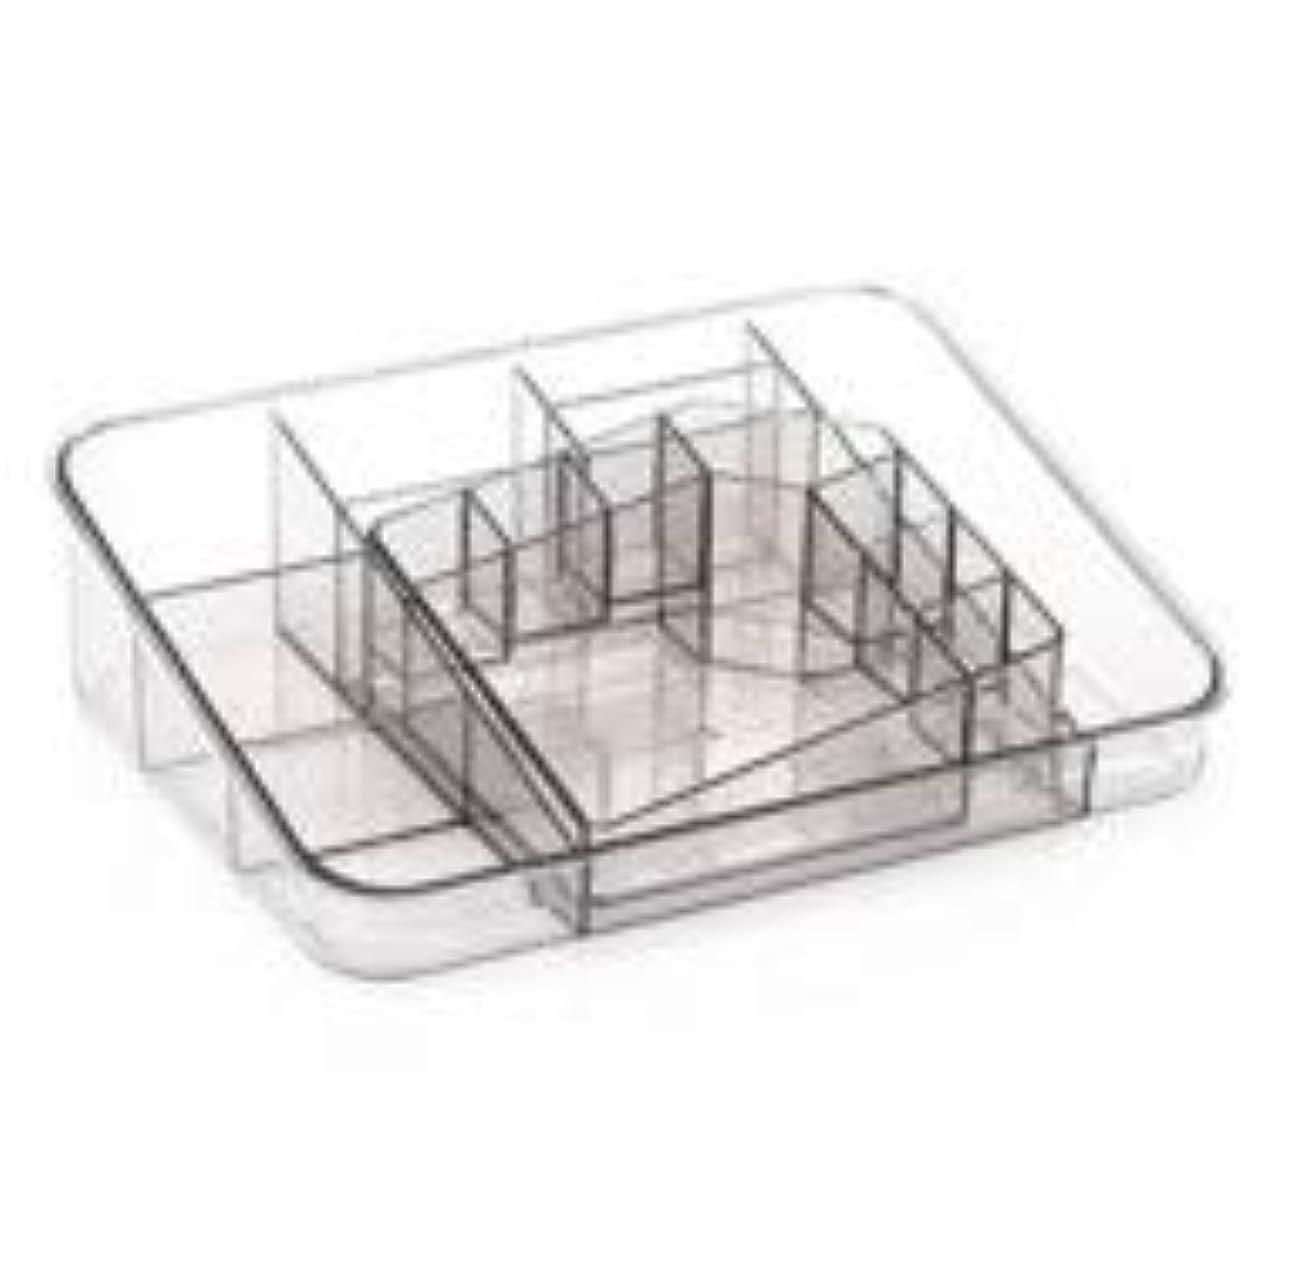 降下旅行者あいまいさ透明アクリル化粧品収納ボックスサイズの組み合わせツーピース多分割化粧品デスクトップ仕上げボックス (Color : グレー)